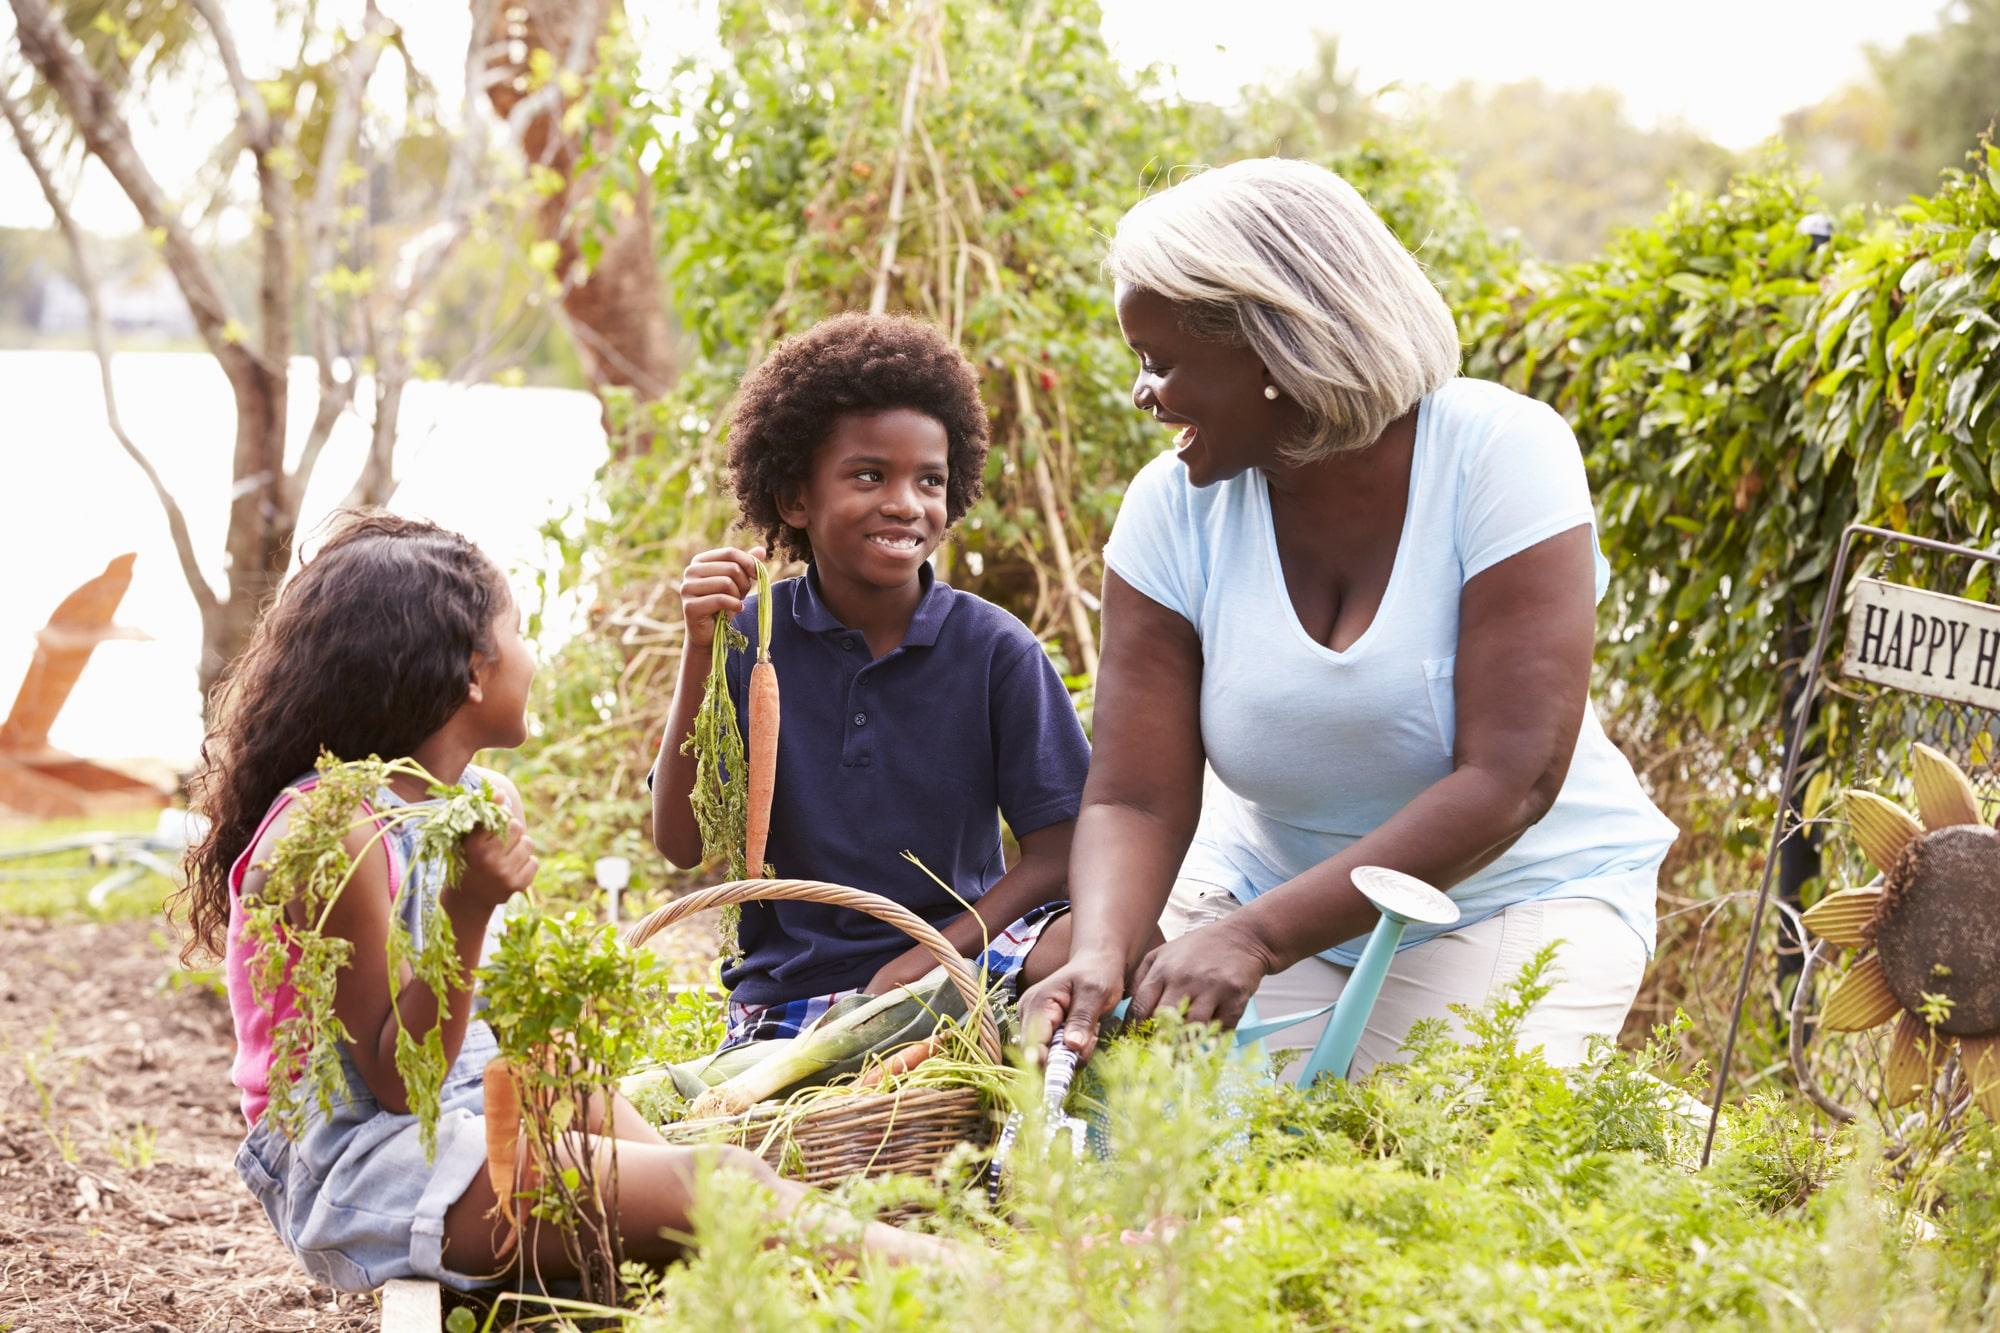 Gartenarbeit mit Kindern Vorschau